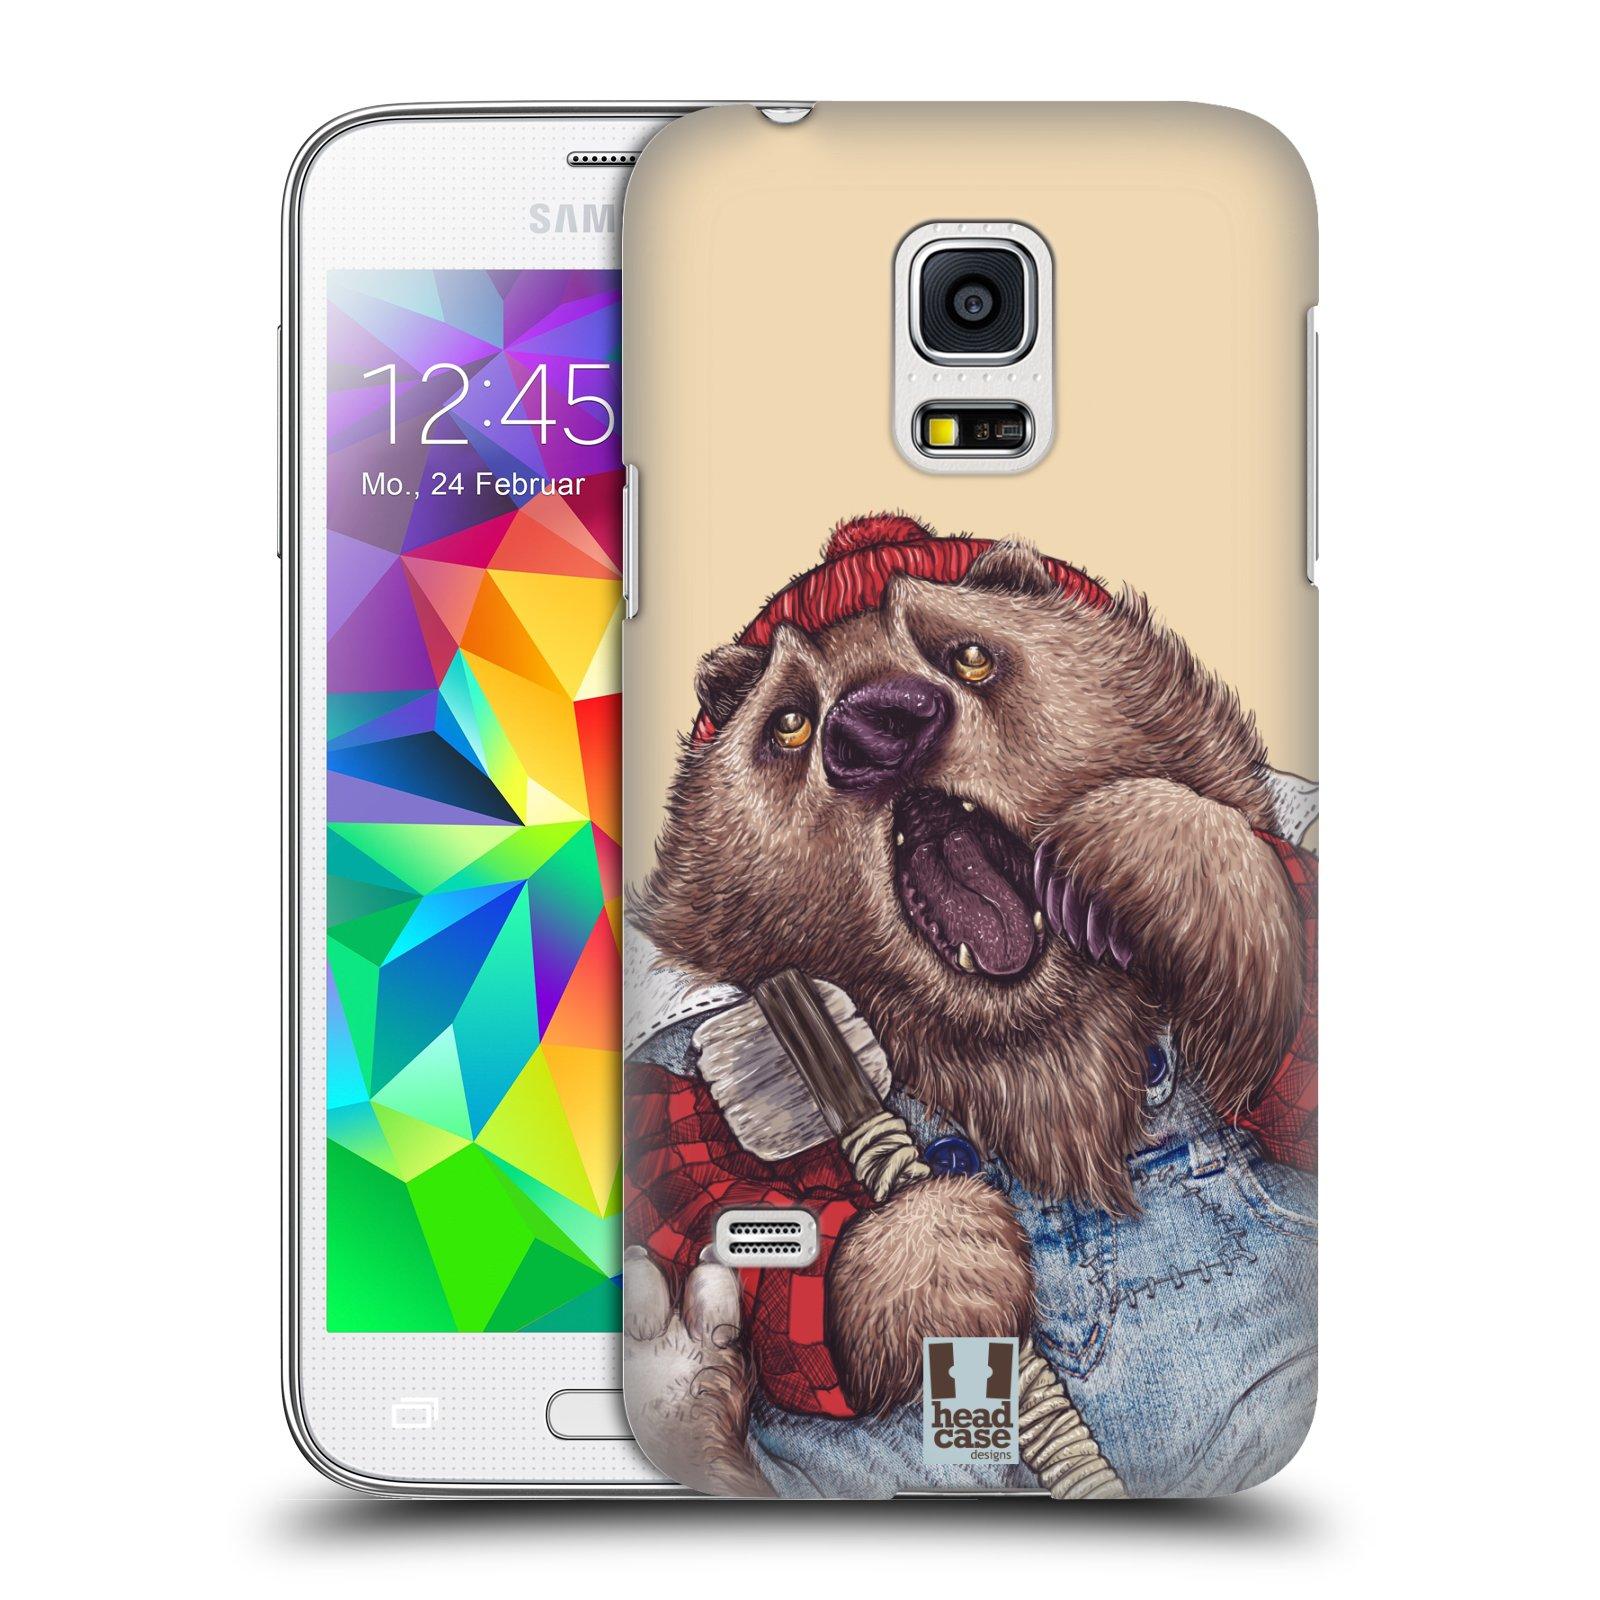 HEAD CASE plastový obal na mobil SAMSUNG Galaxy S5 MINI / S5 MINI DUOS vzor Kreslená zvířátka medvěd